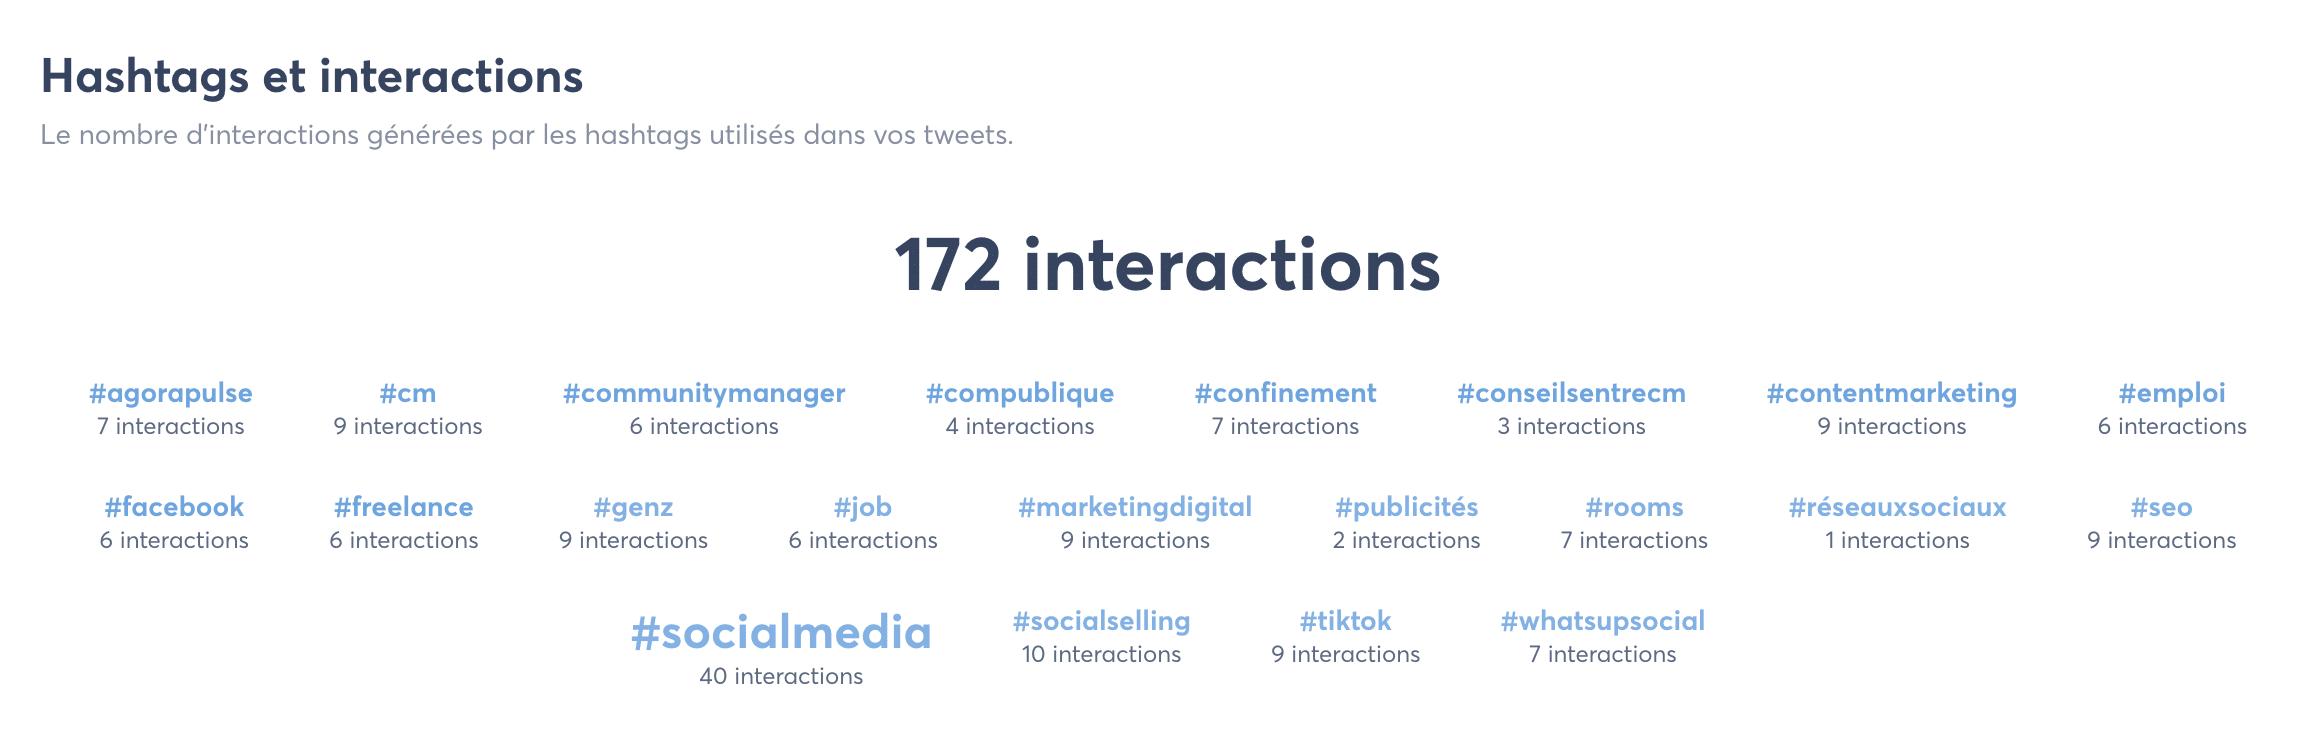 suivi hashtags